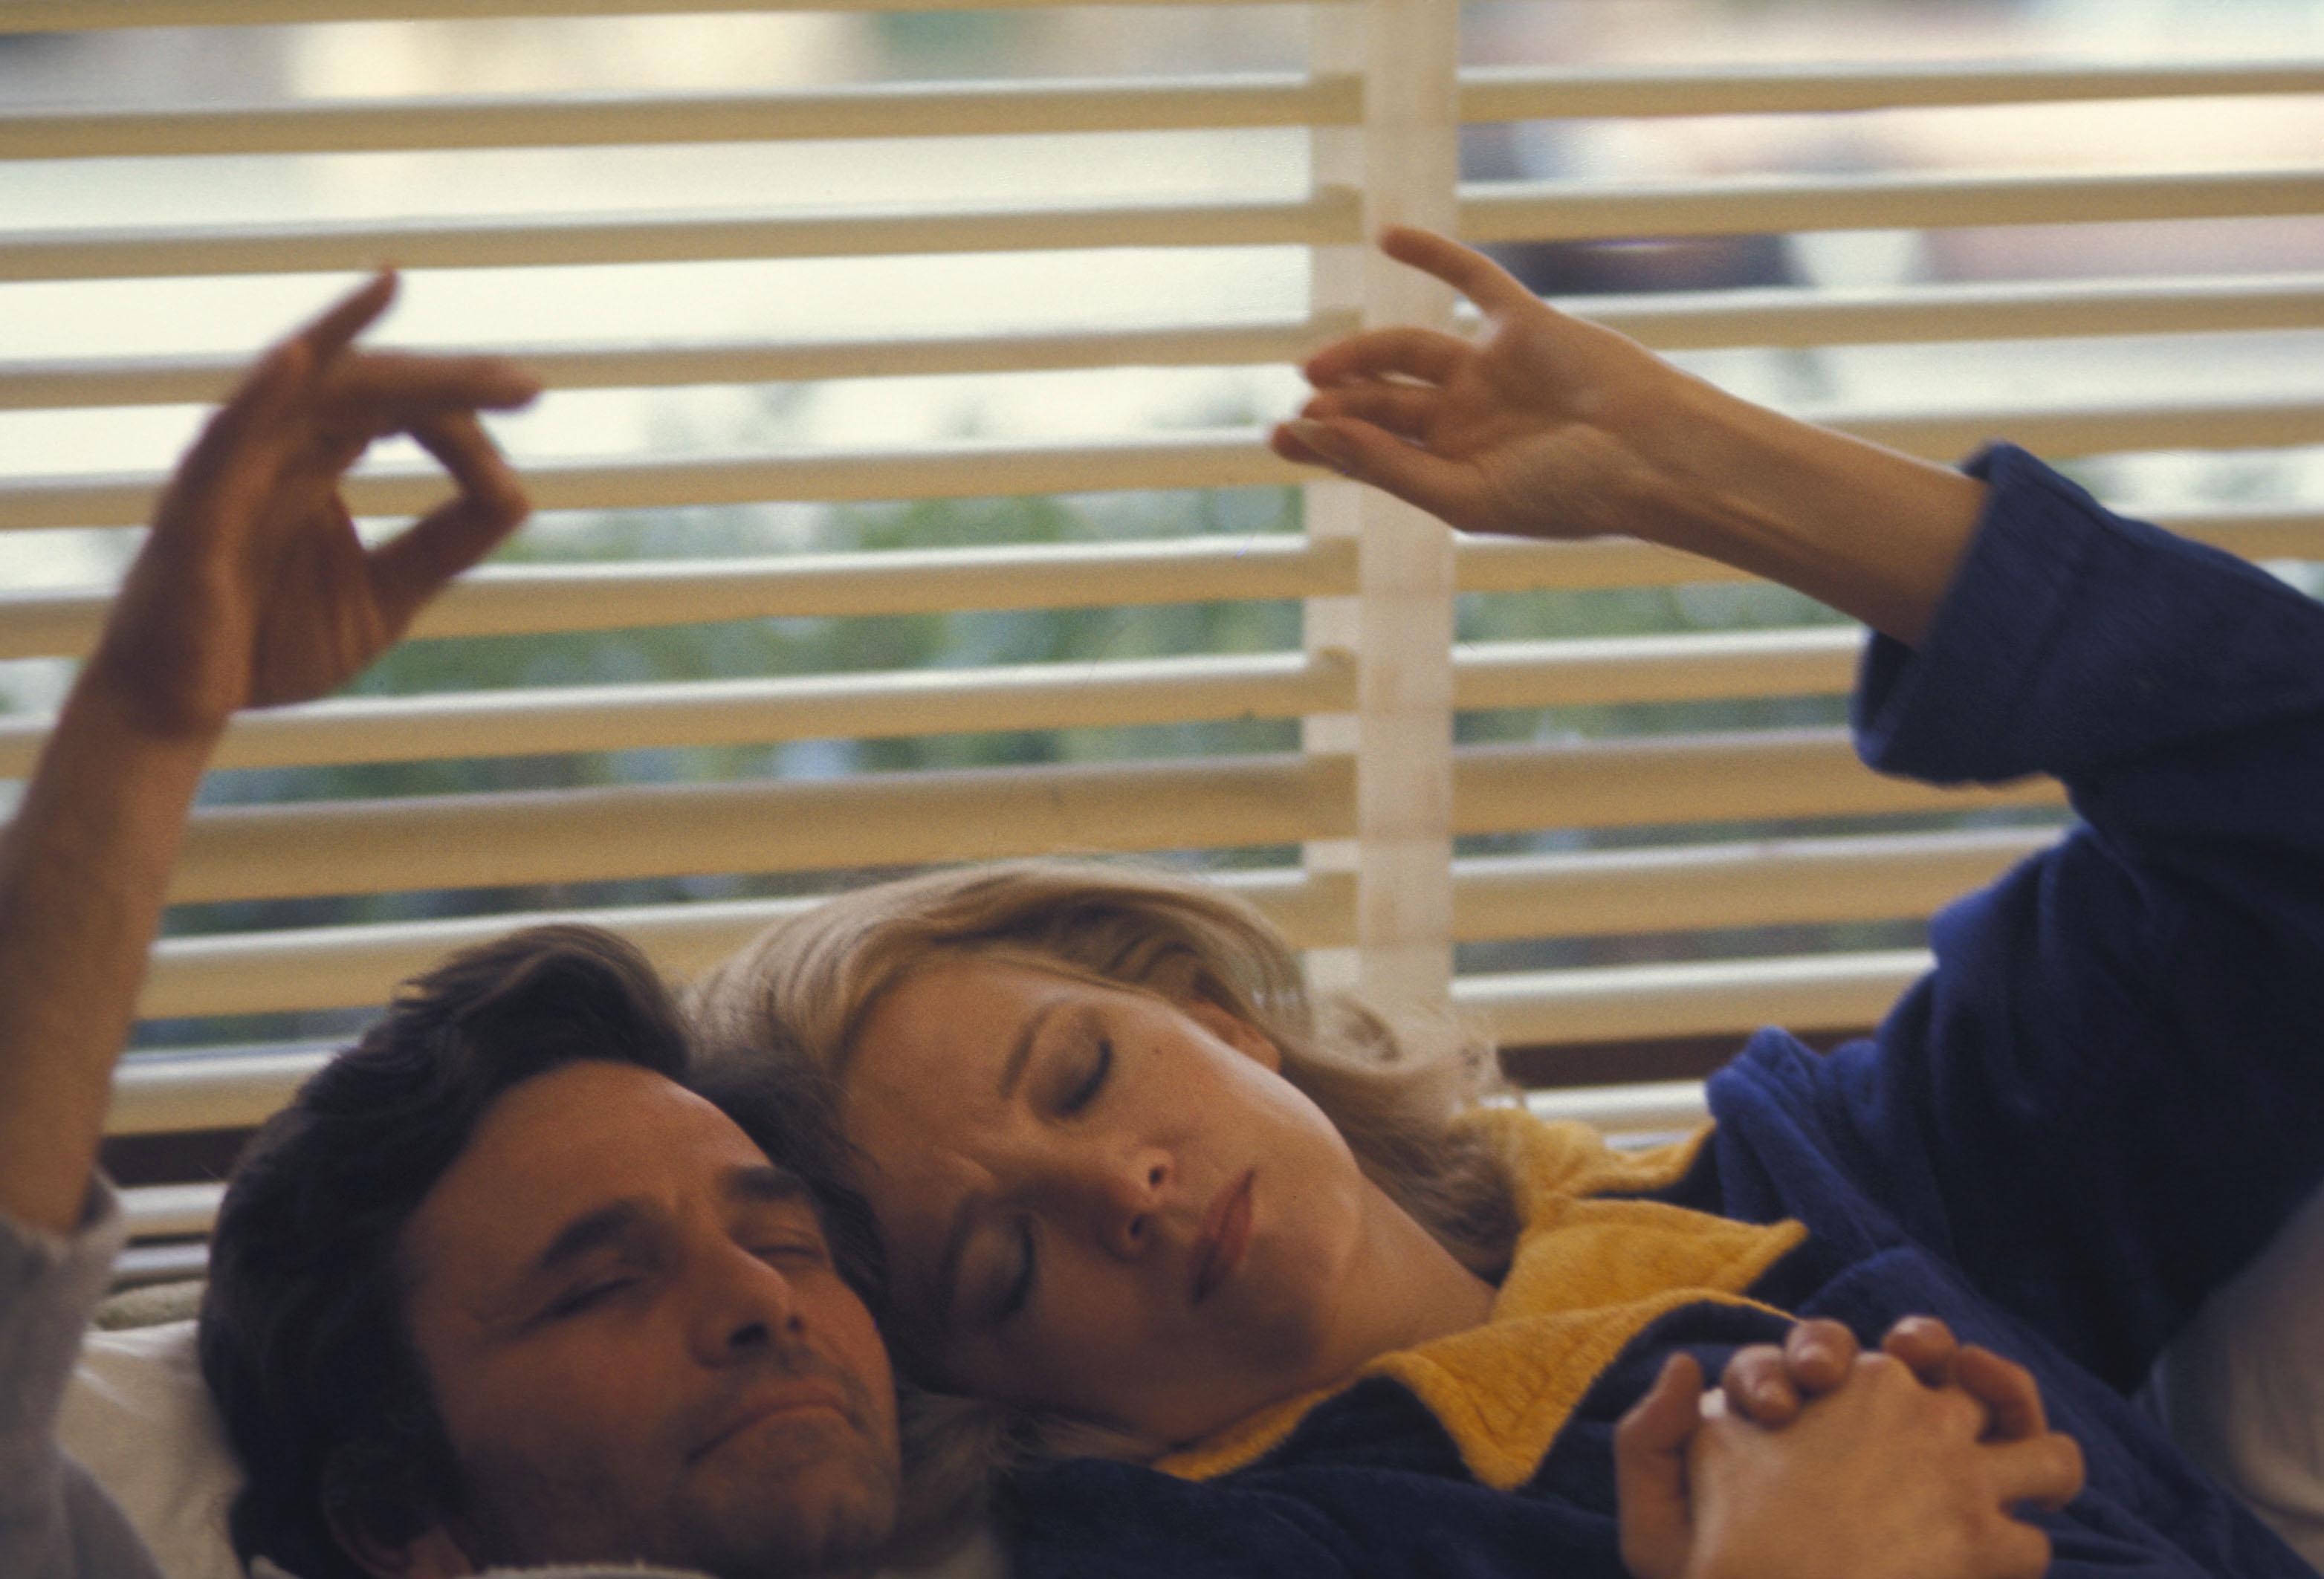 J. Cassaveteso filmų retrospektyva: pažintis su Holivudo maištininku